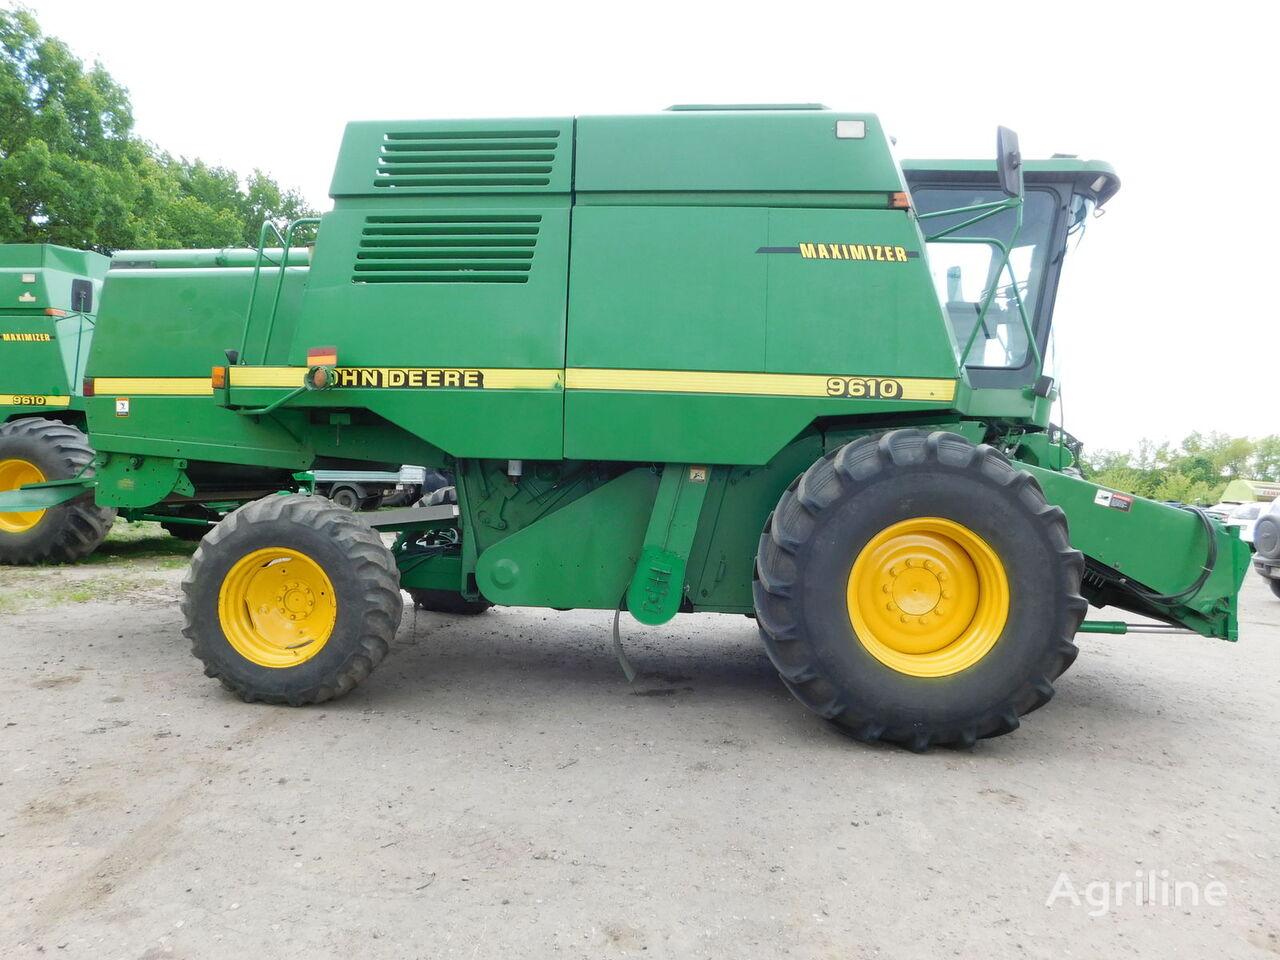 JOHN DEERE 9610 grain harvester